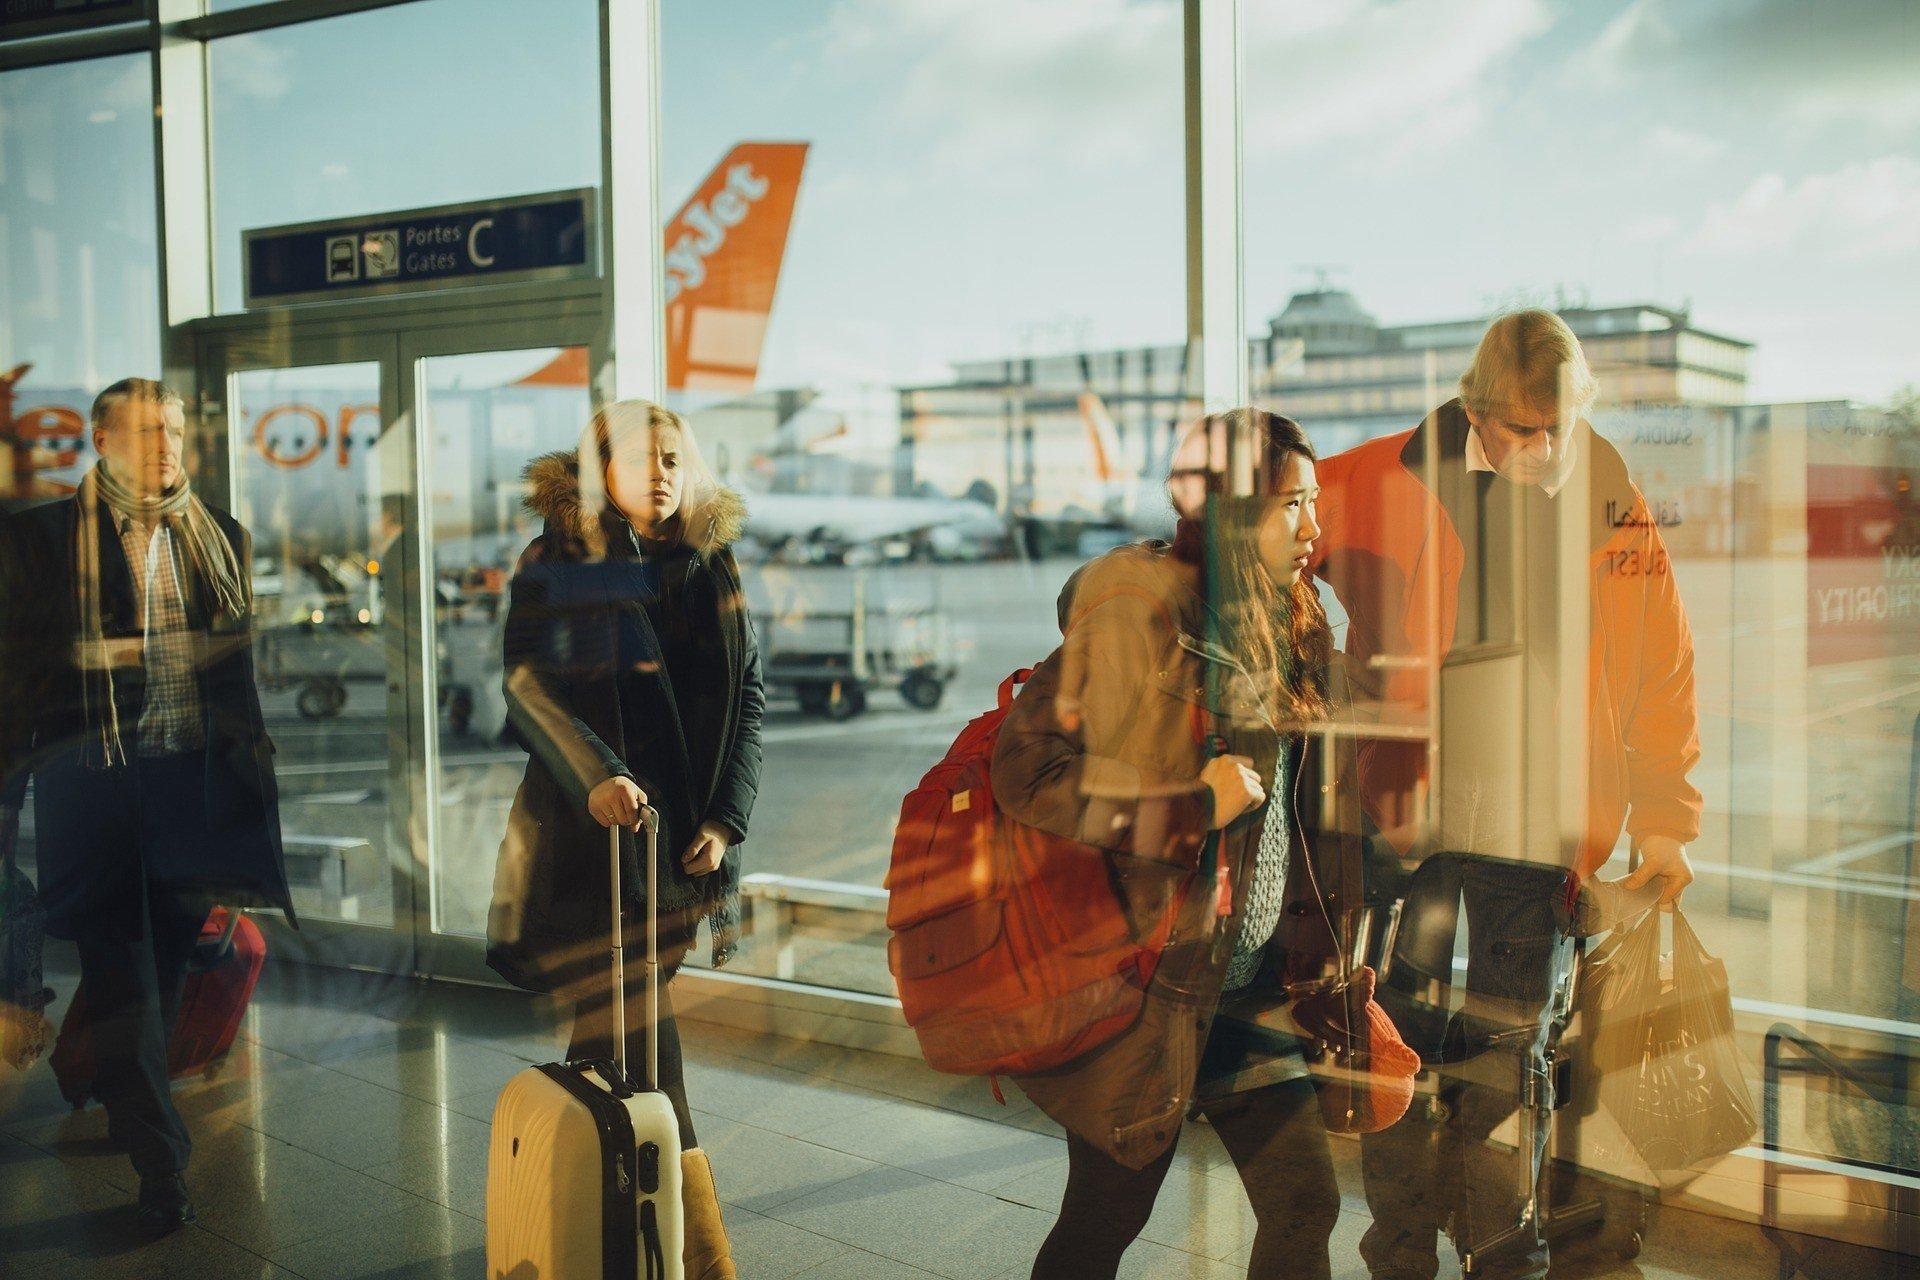 Желающих путешествовать по миру стало меньше